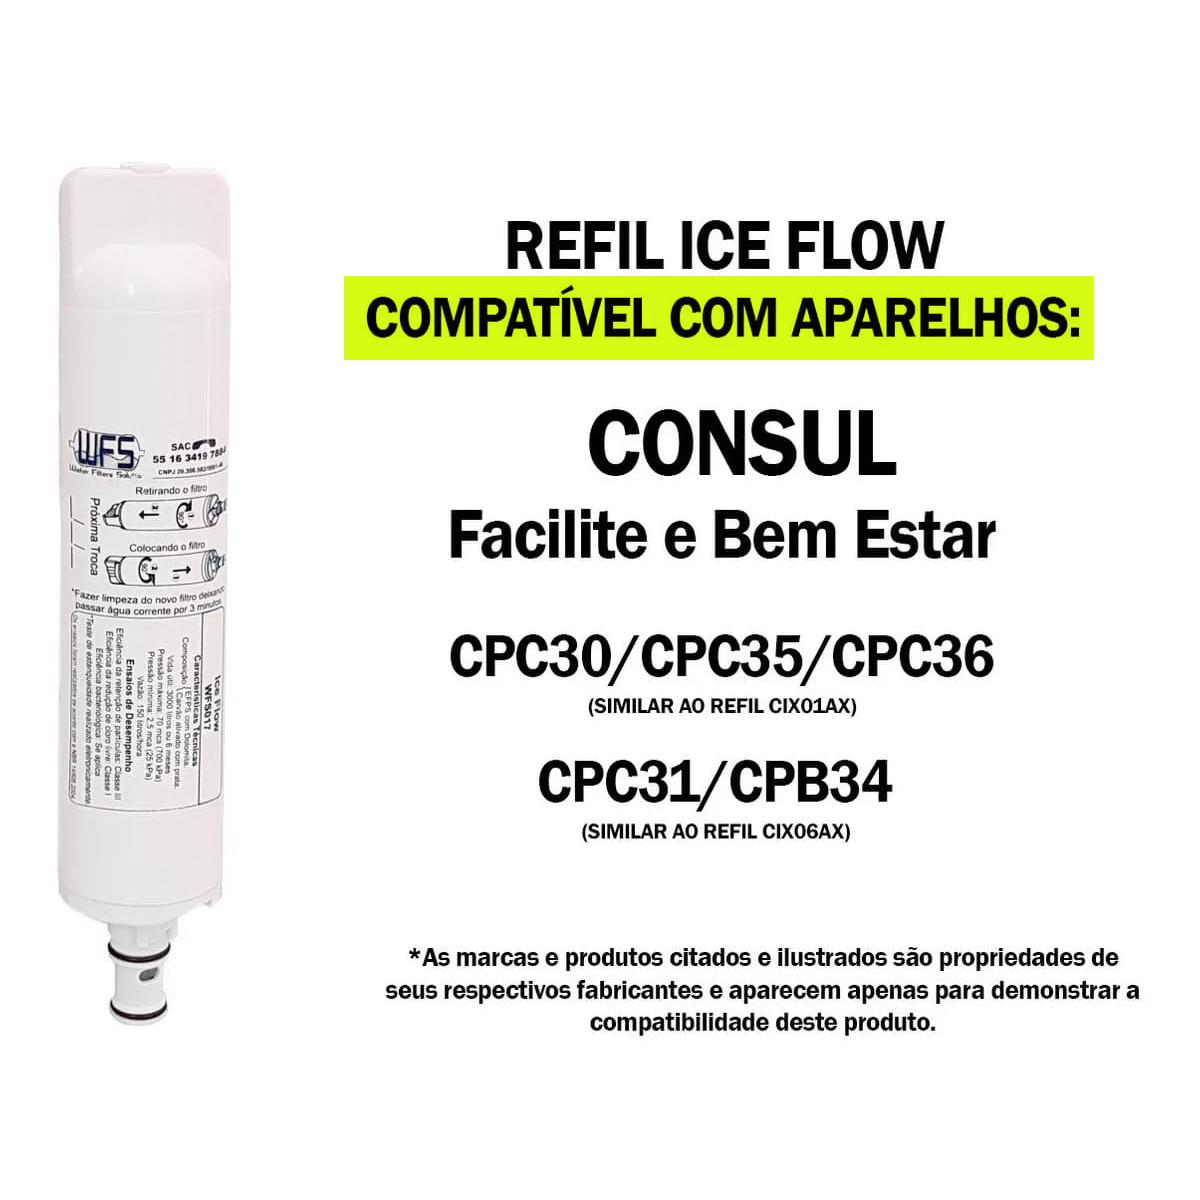 3x Refil WFS 017 Ice Flow Filtro Purificador Consul Facilite